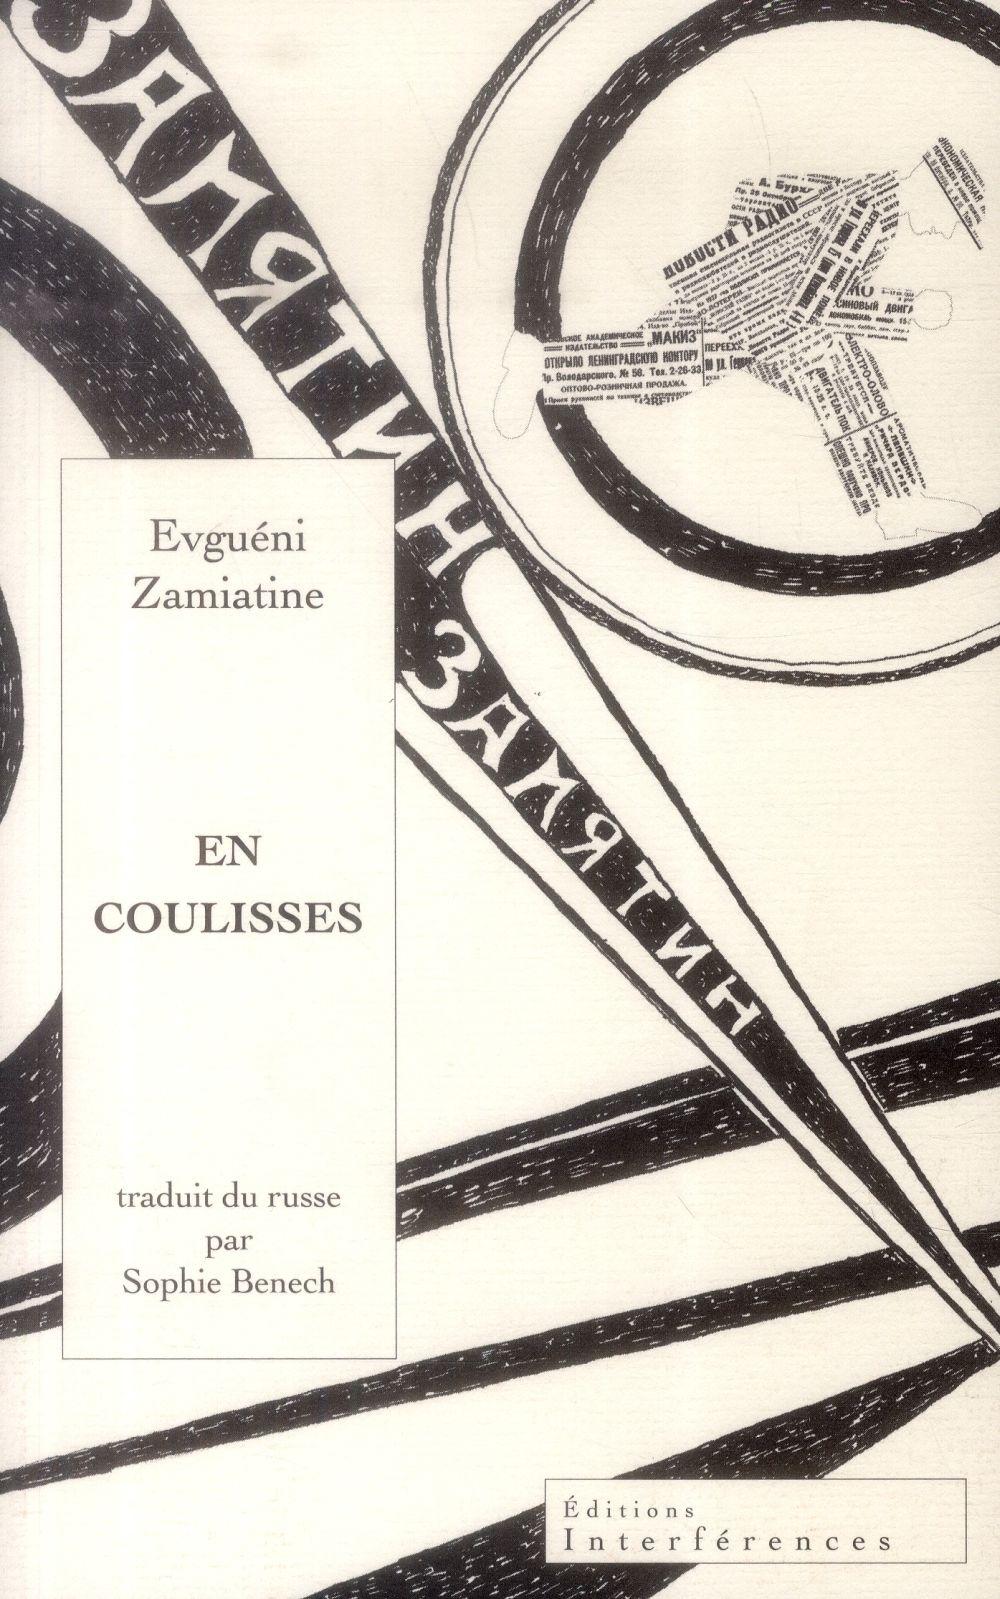 EN COULISSES